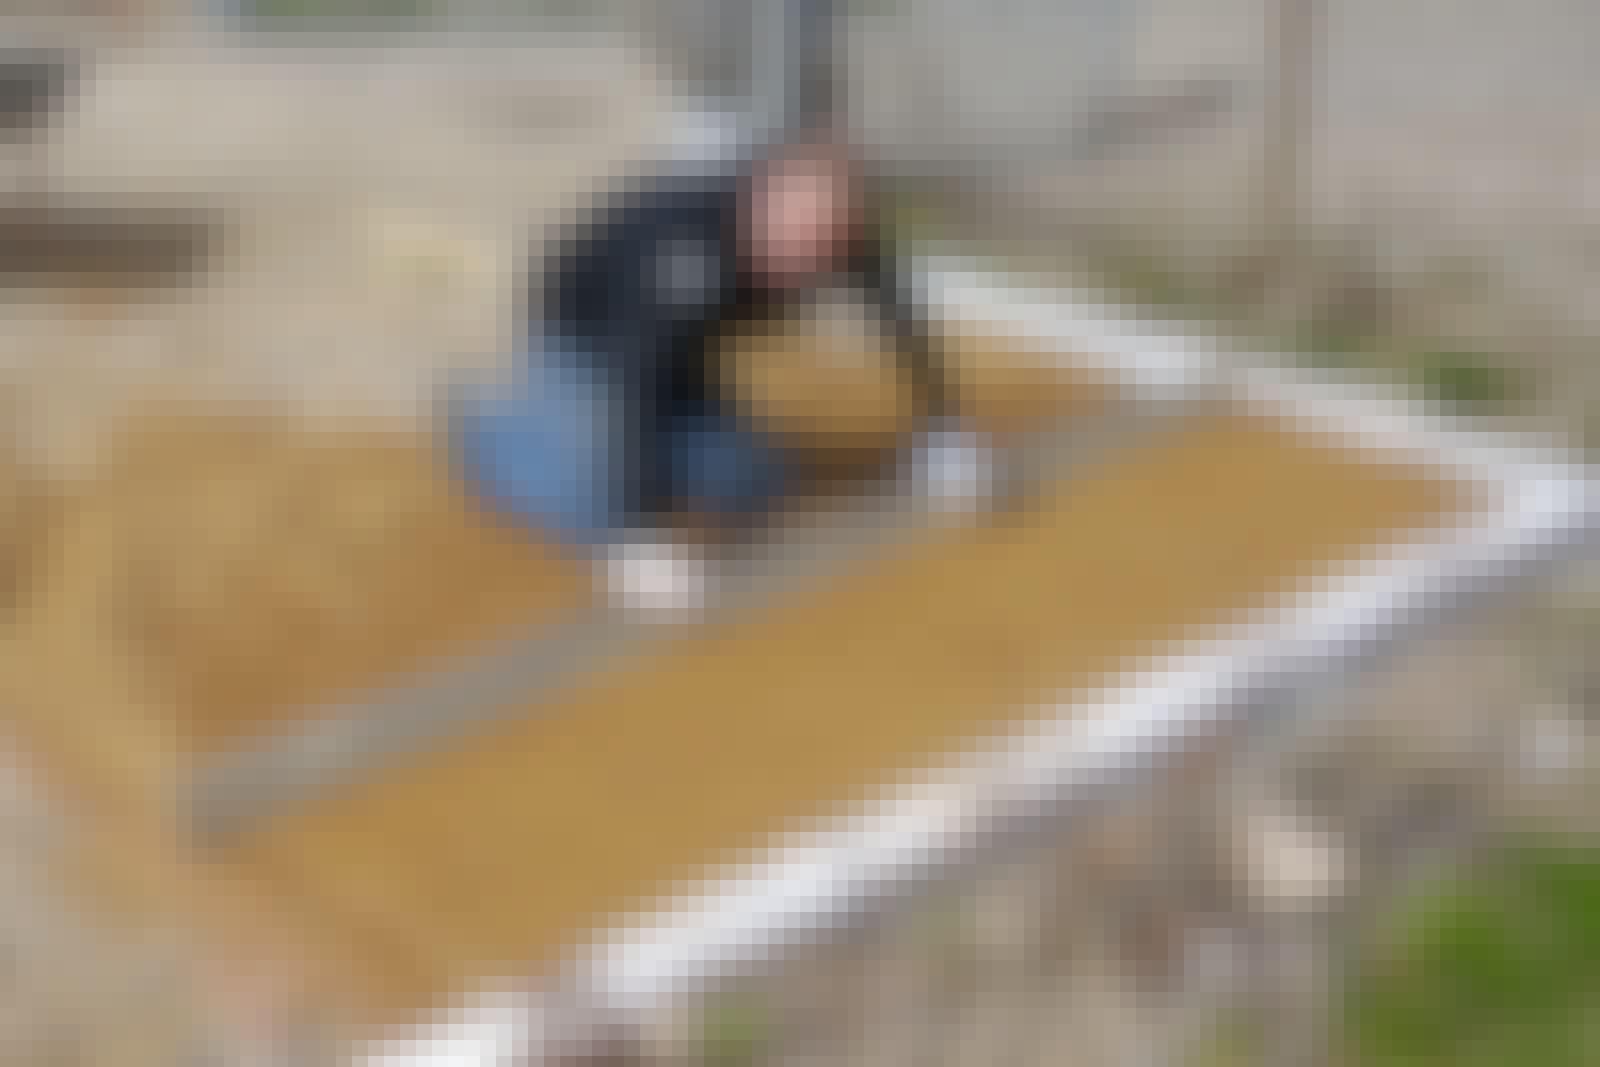 Avjämningslagret jämnas till med ett långt vattenpass eller en rak bräda, så att lagret får rätt tjocklek på 3-5 cm.